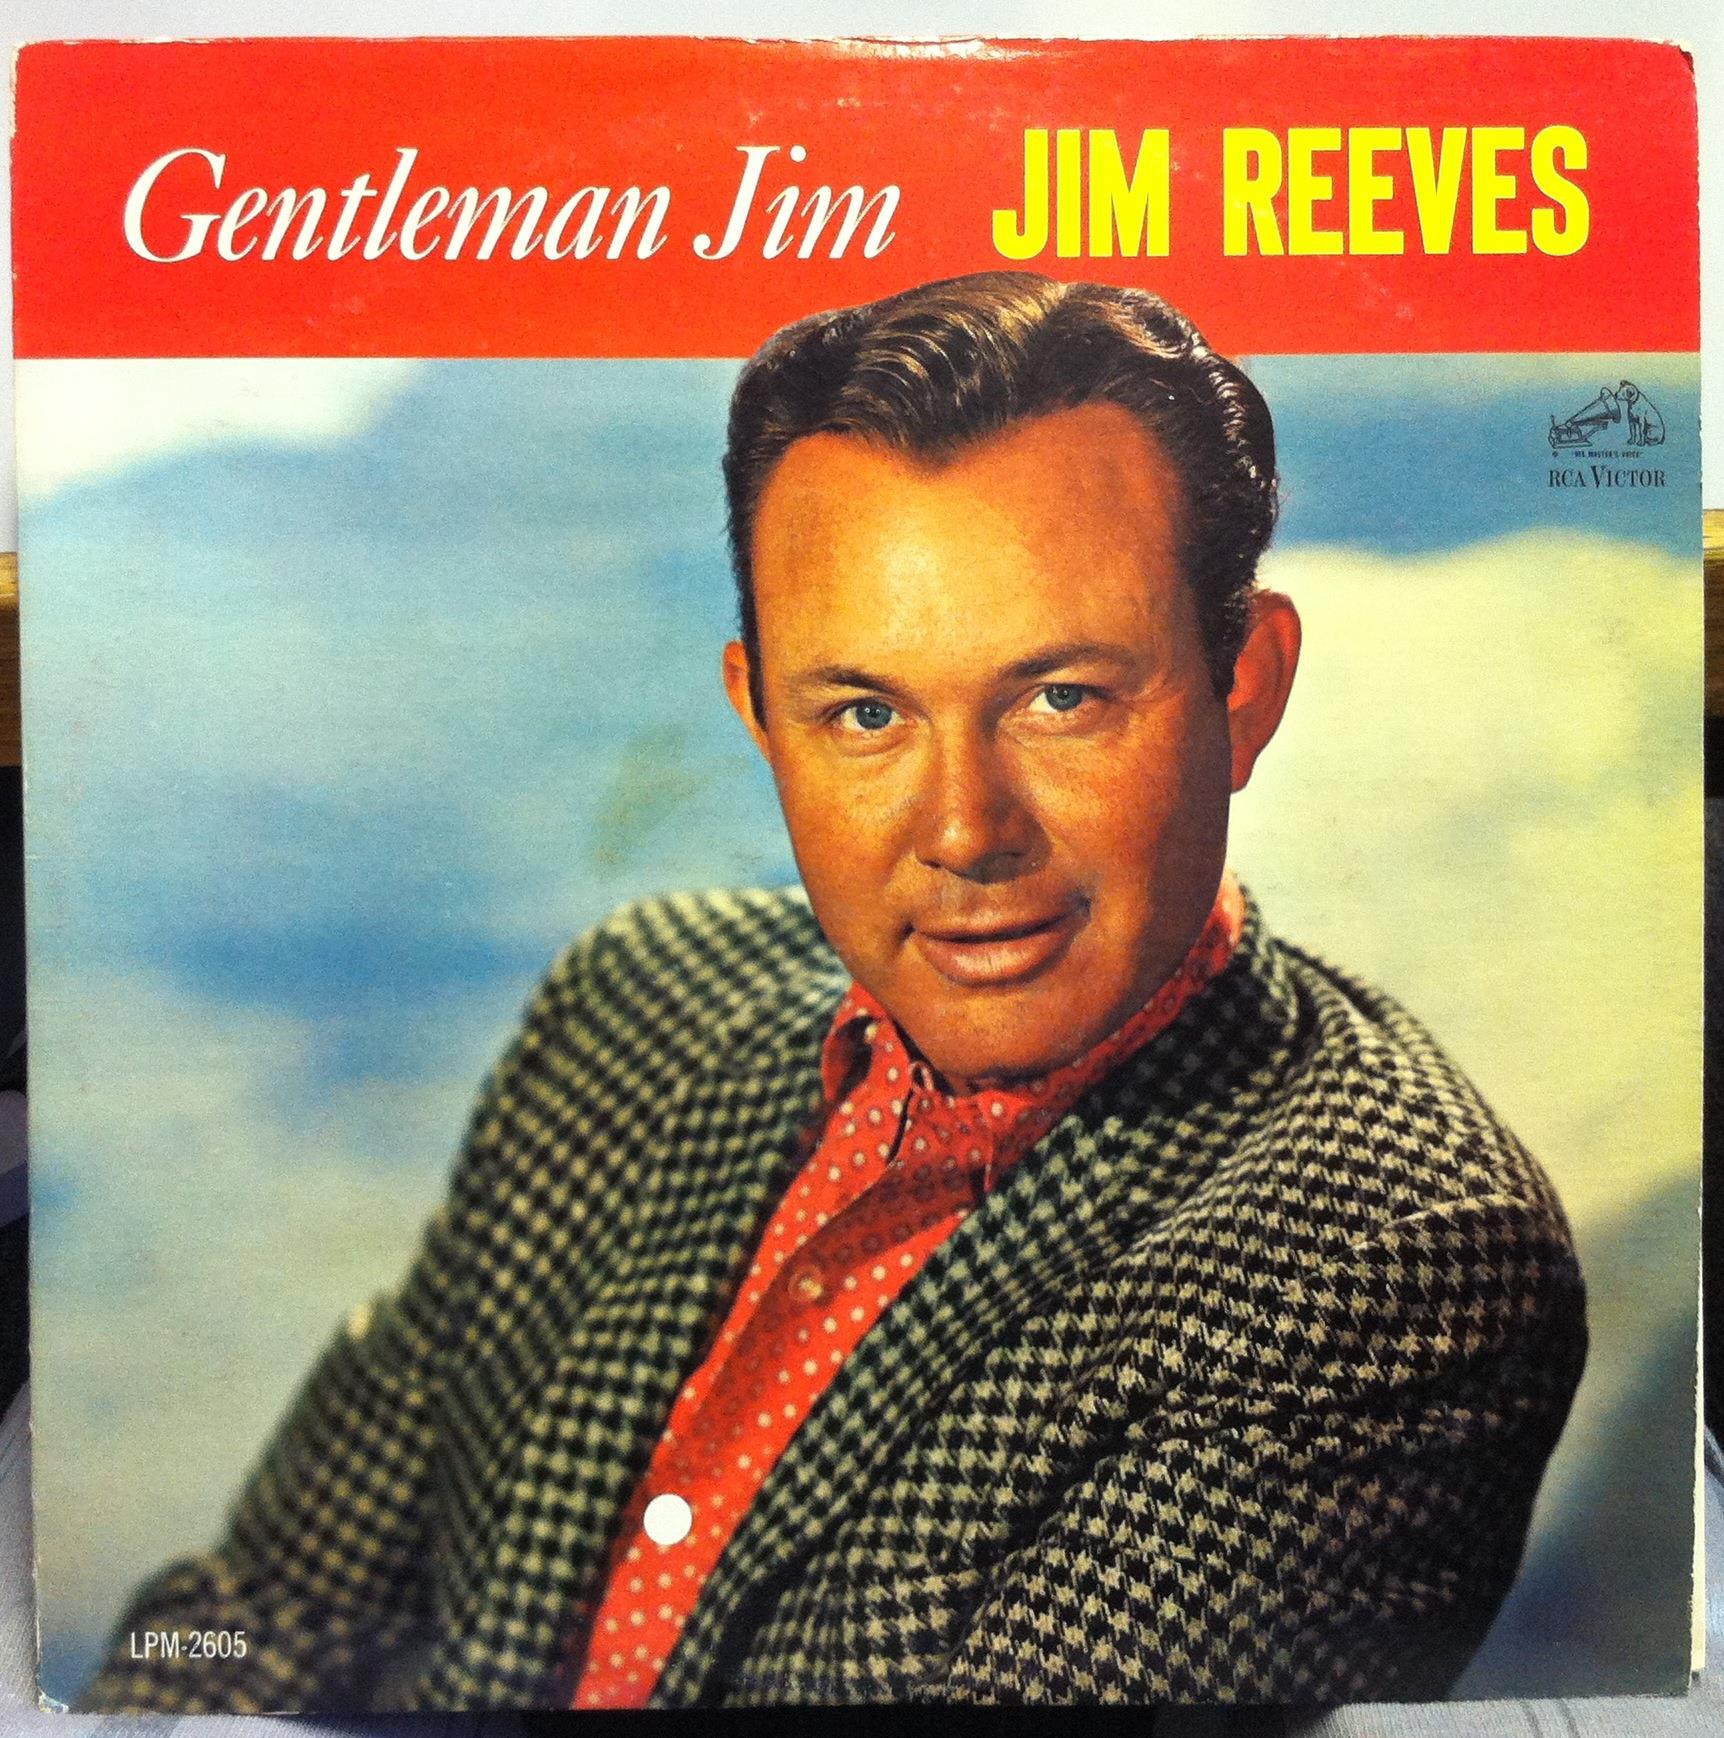 JIM REEVES - Gentleman Jim CD